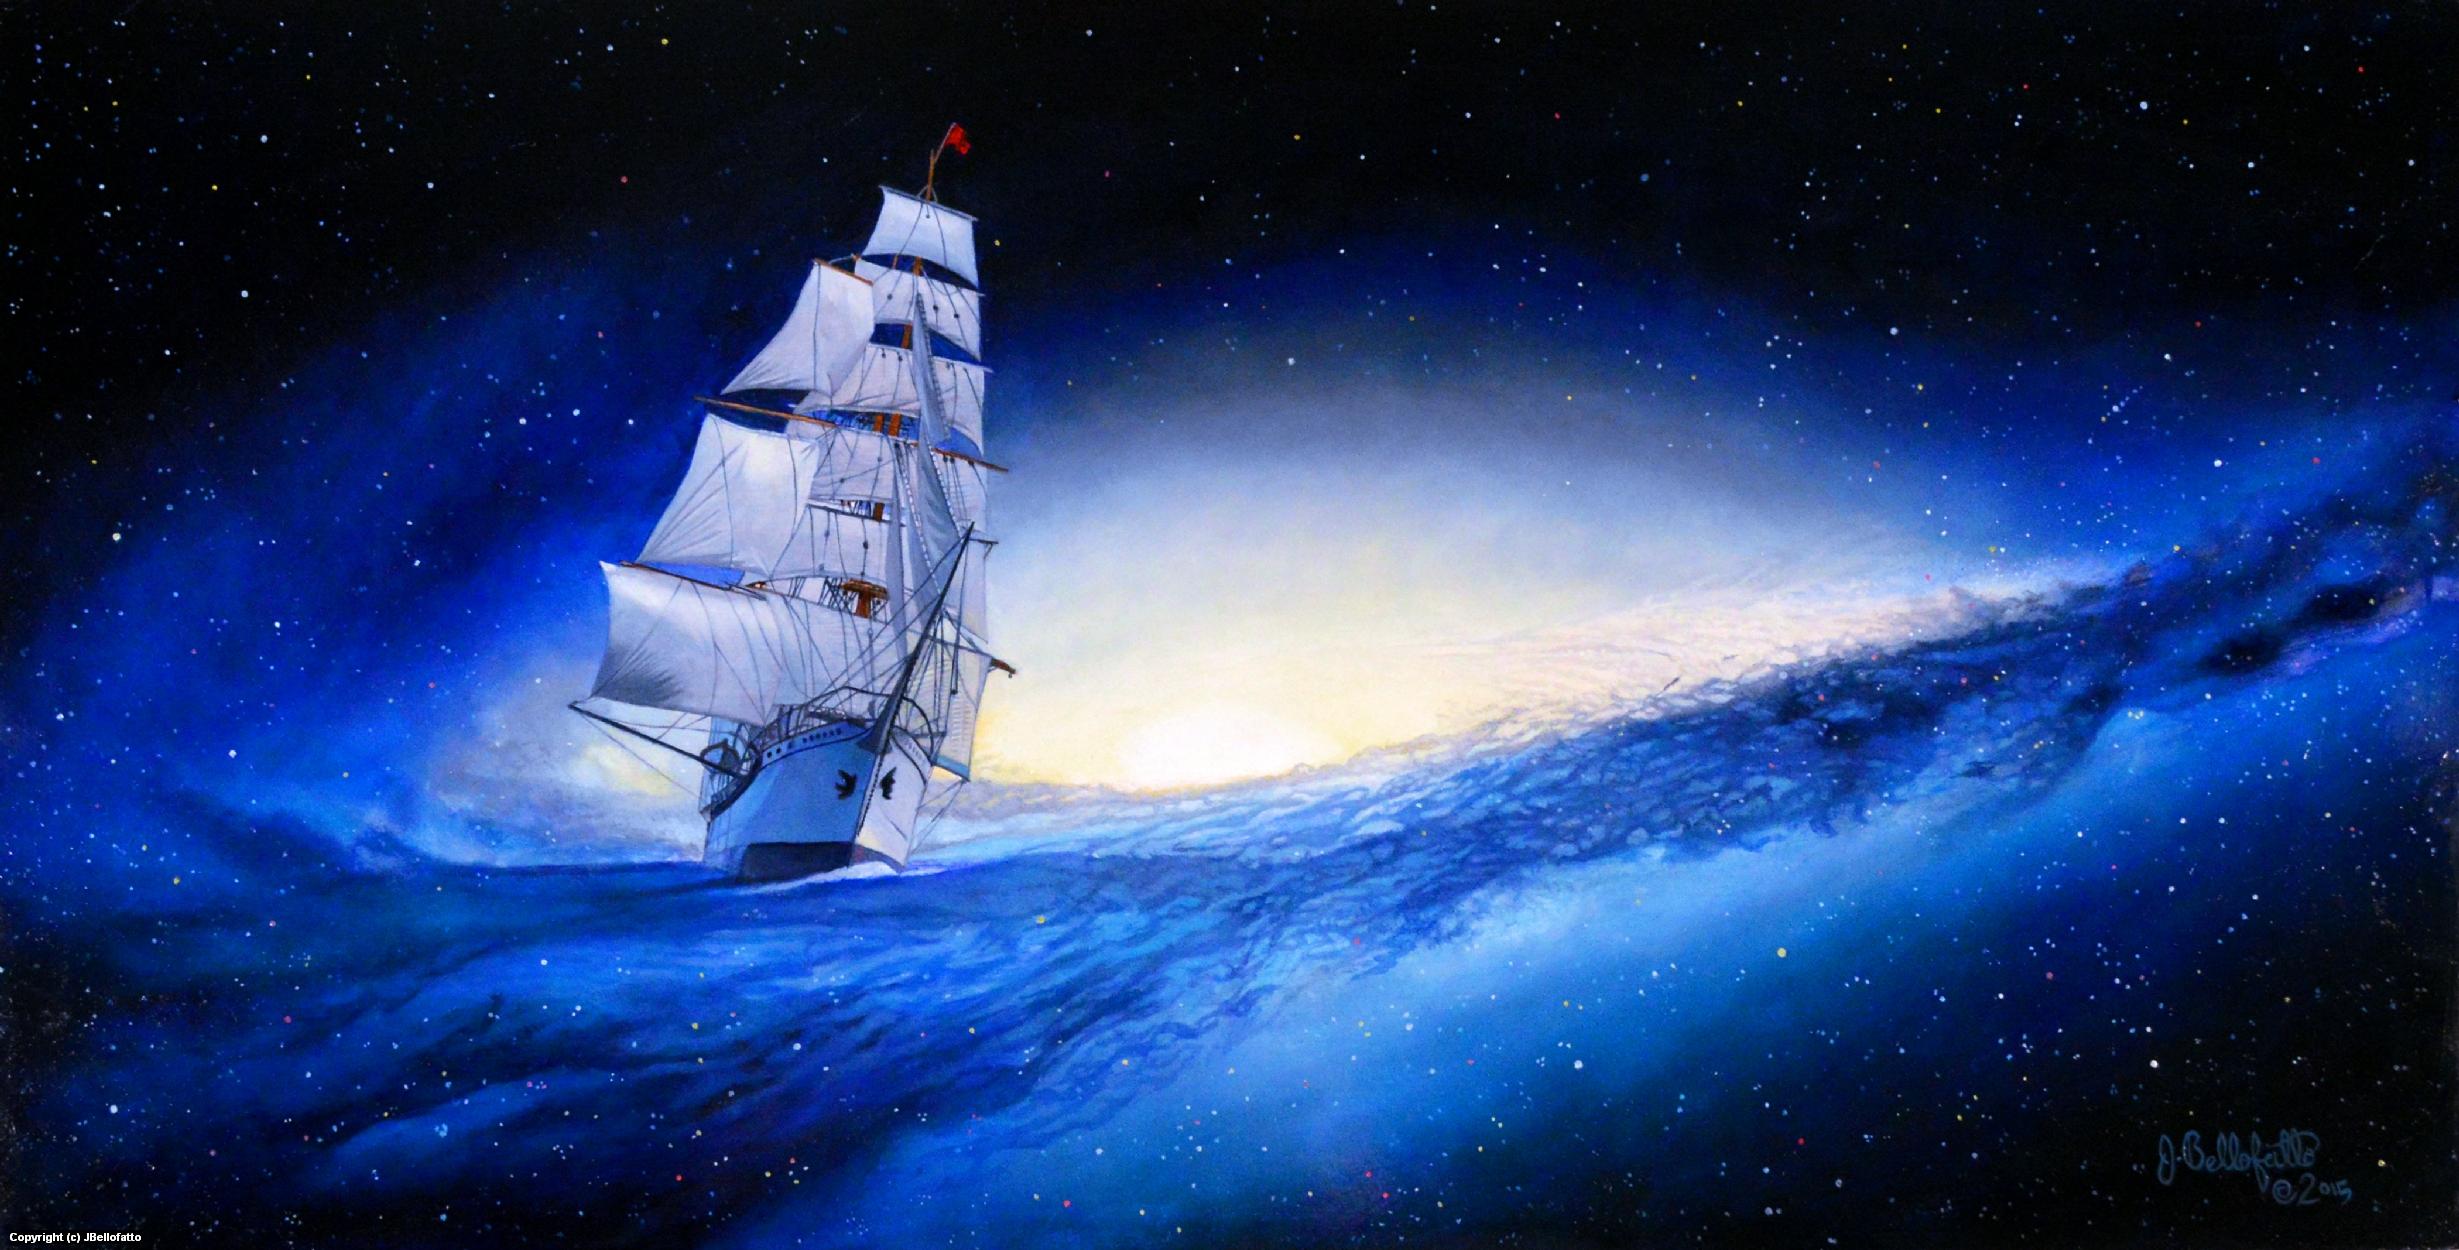 Star Ship Artwork by Joseph Bellofatto